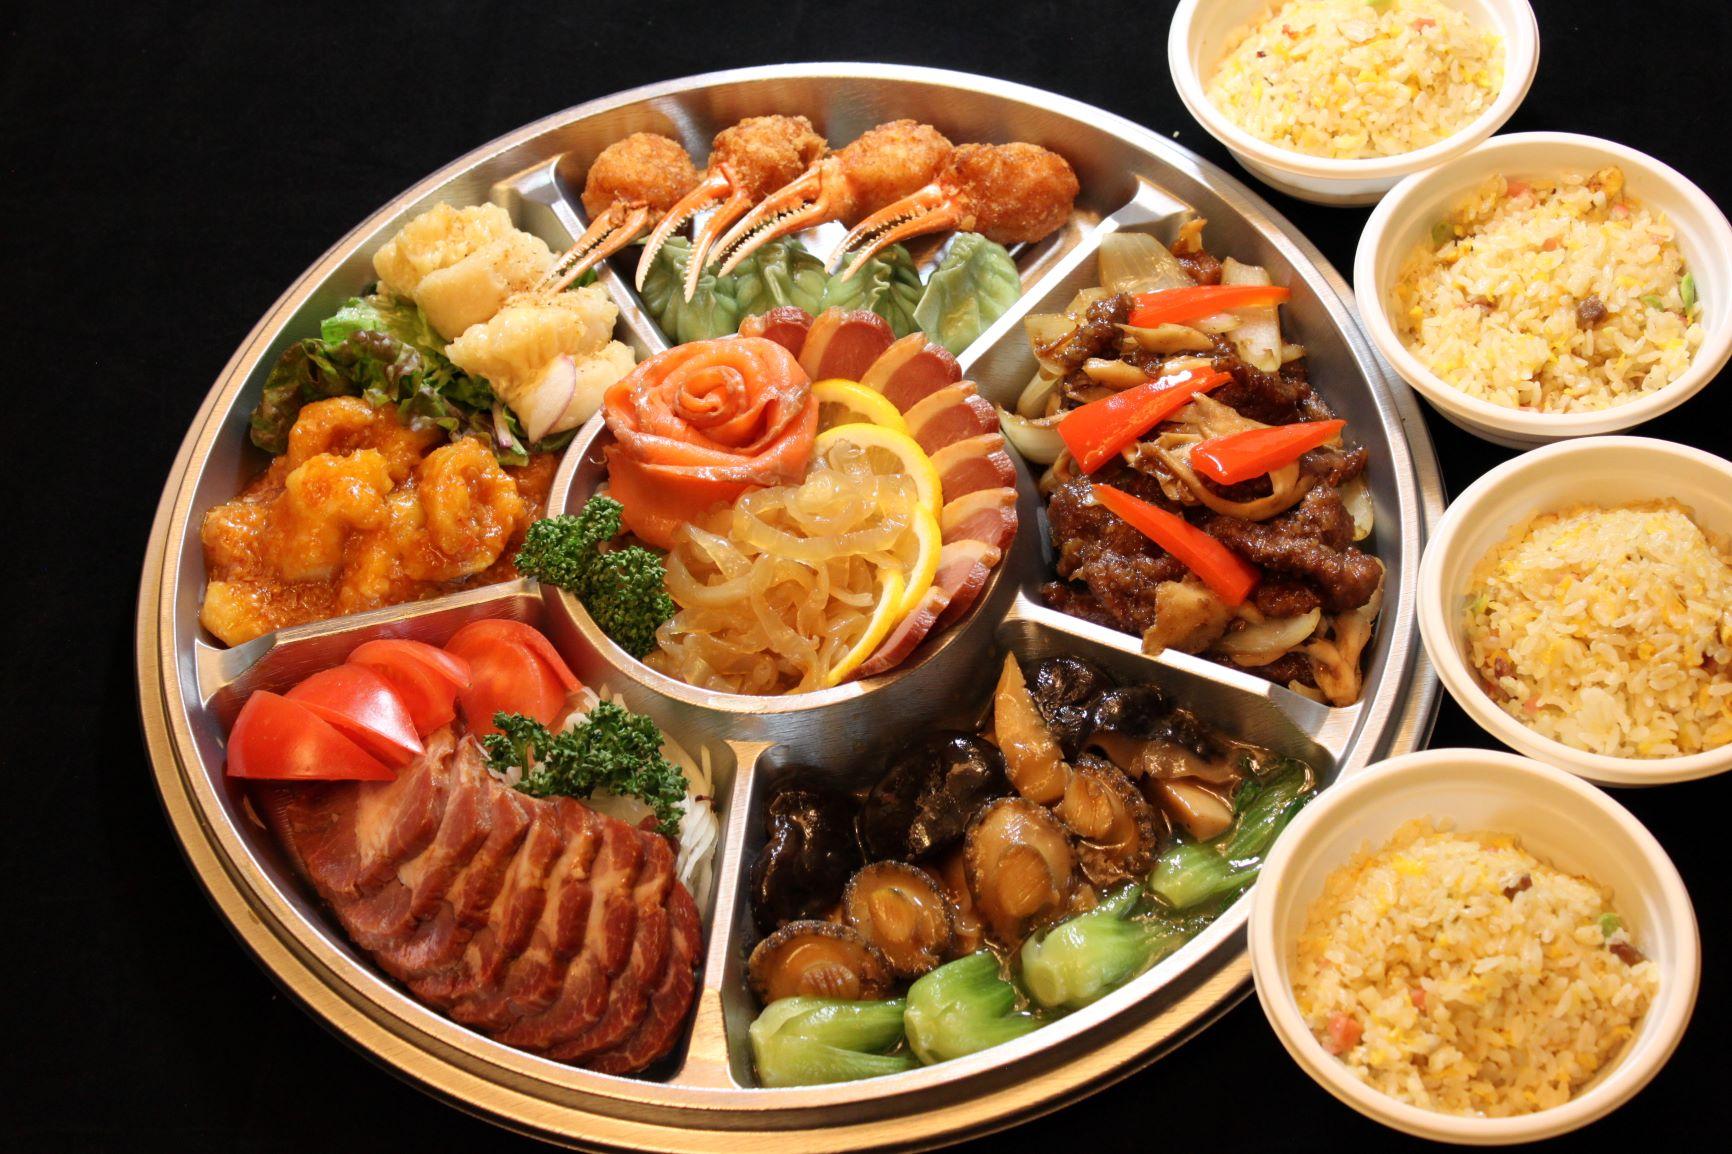 コースオードブルお一人様4,320 2名様~ 高級食材も堪能できるフルコースです。